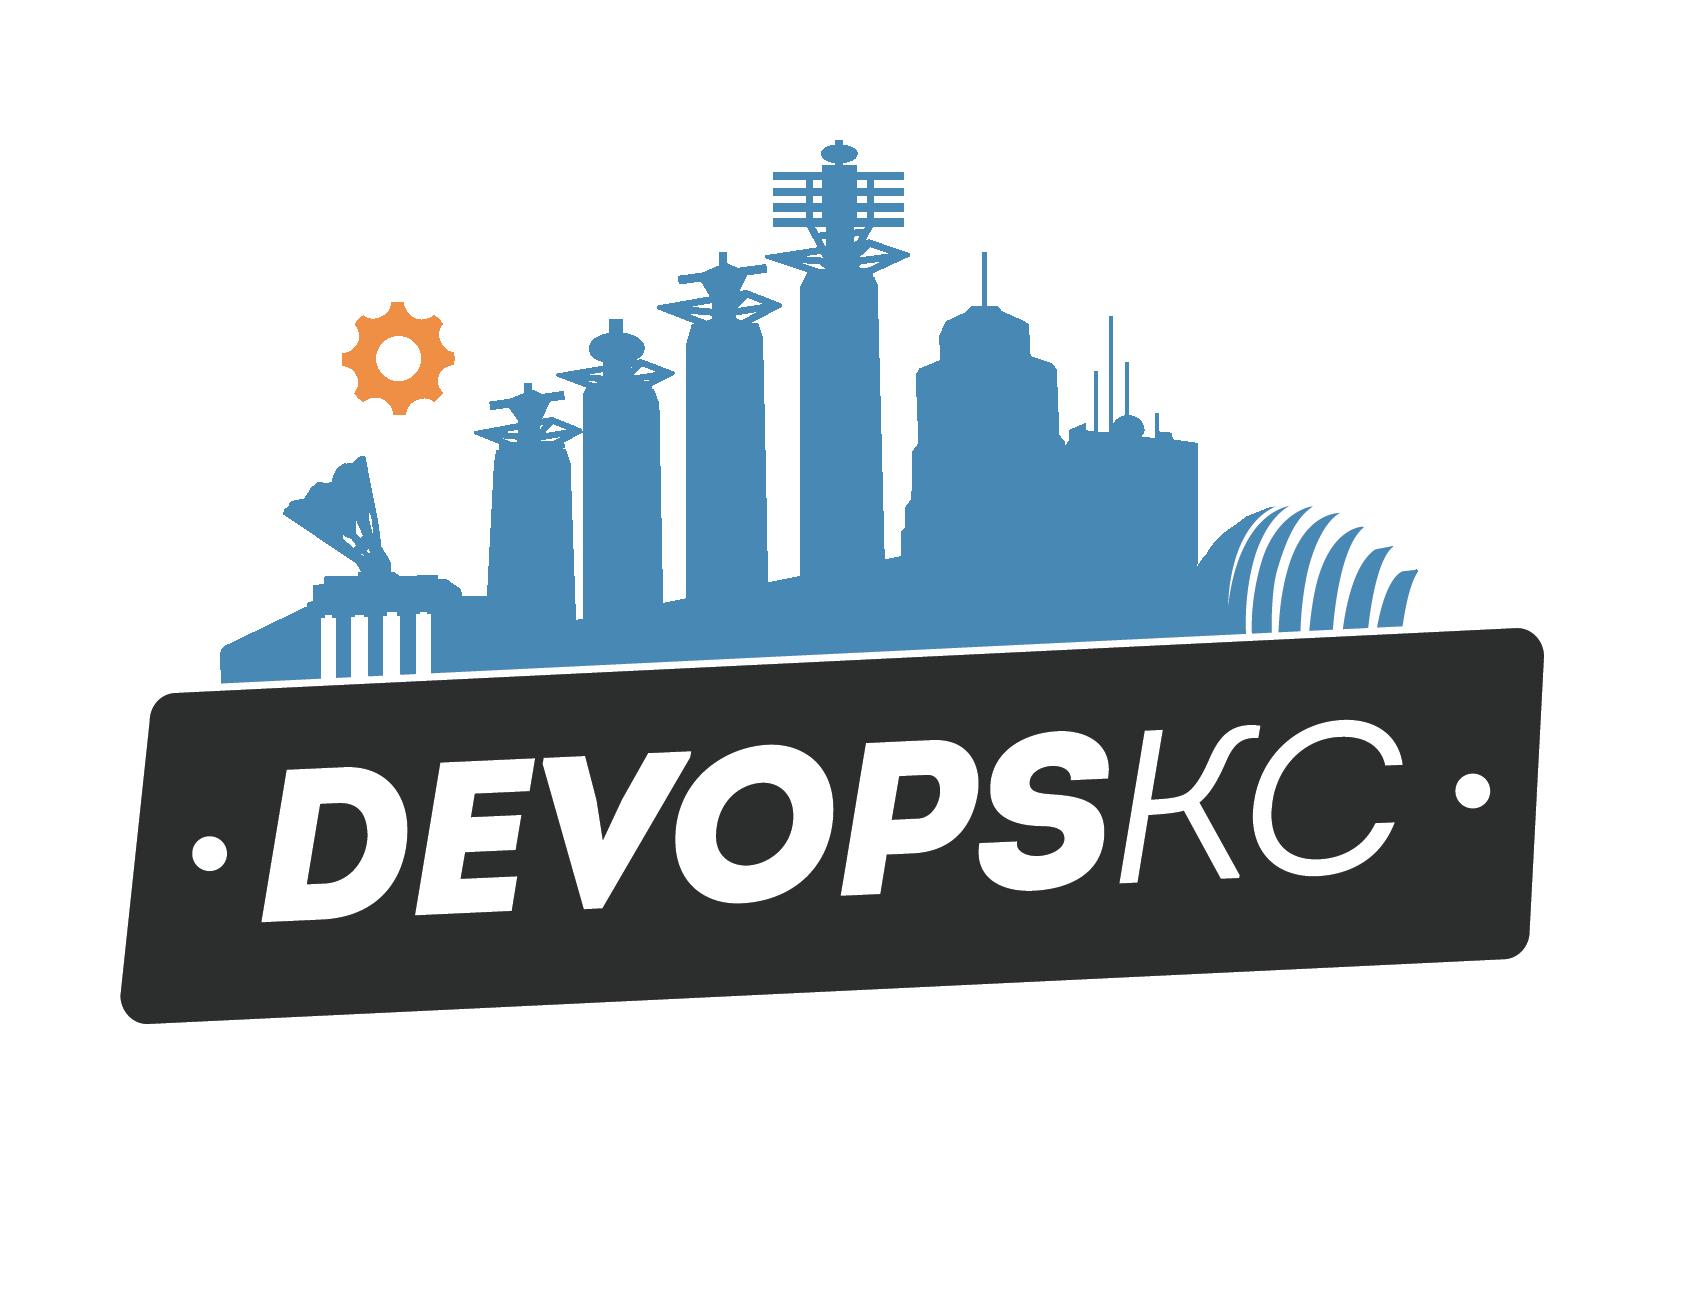 DevOps KC